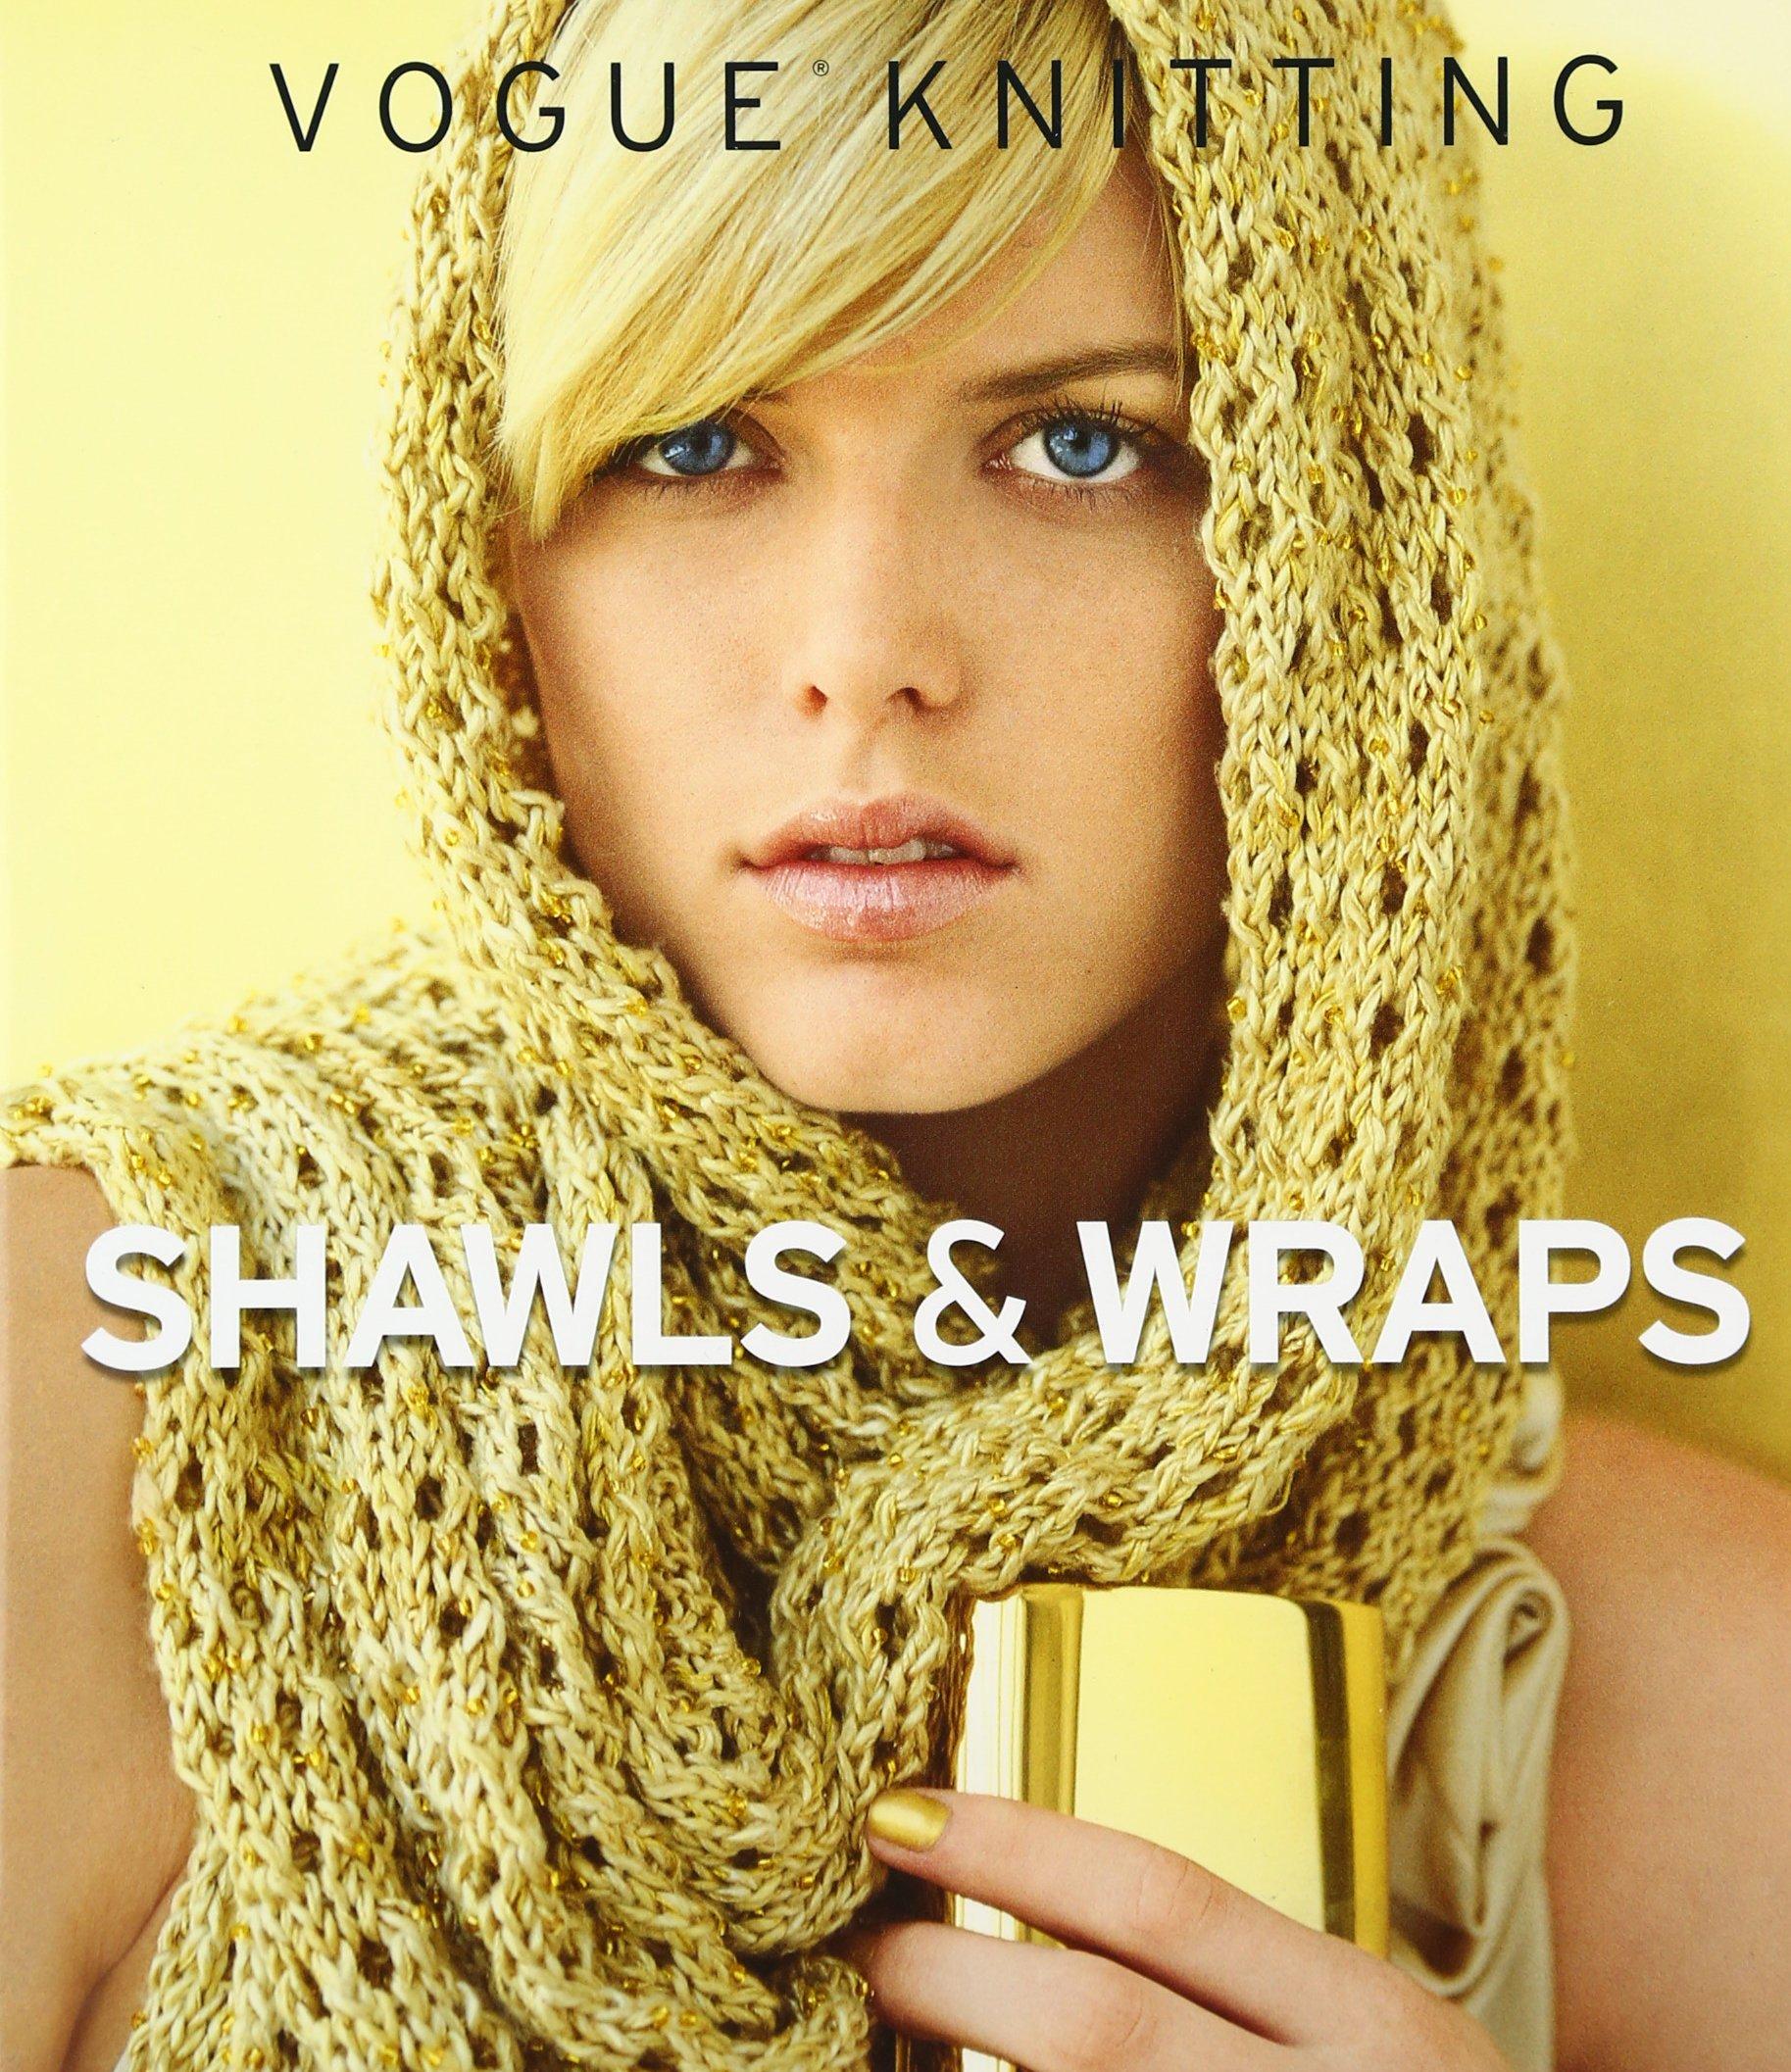 Vogue Knitting Shawls Wraps Magazine product image